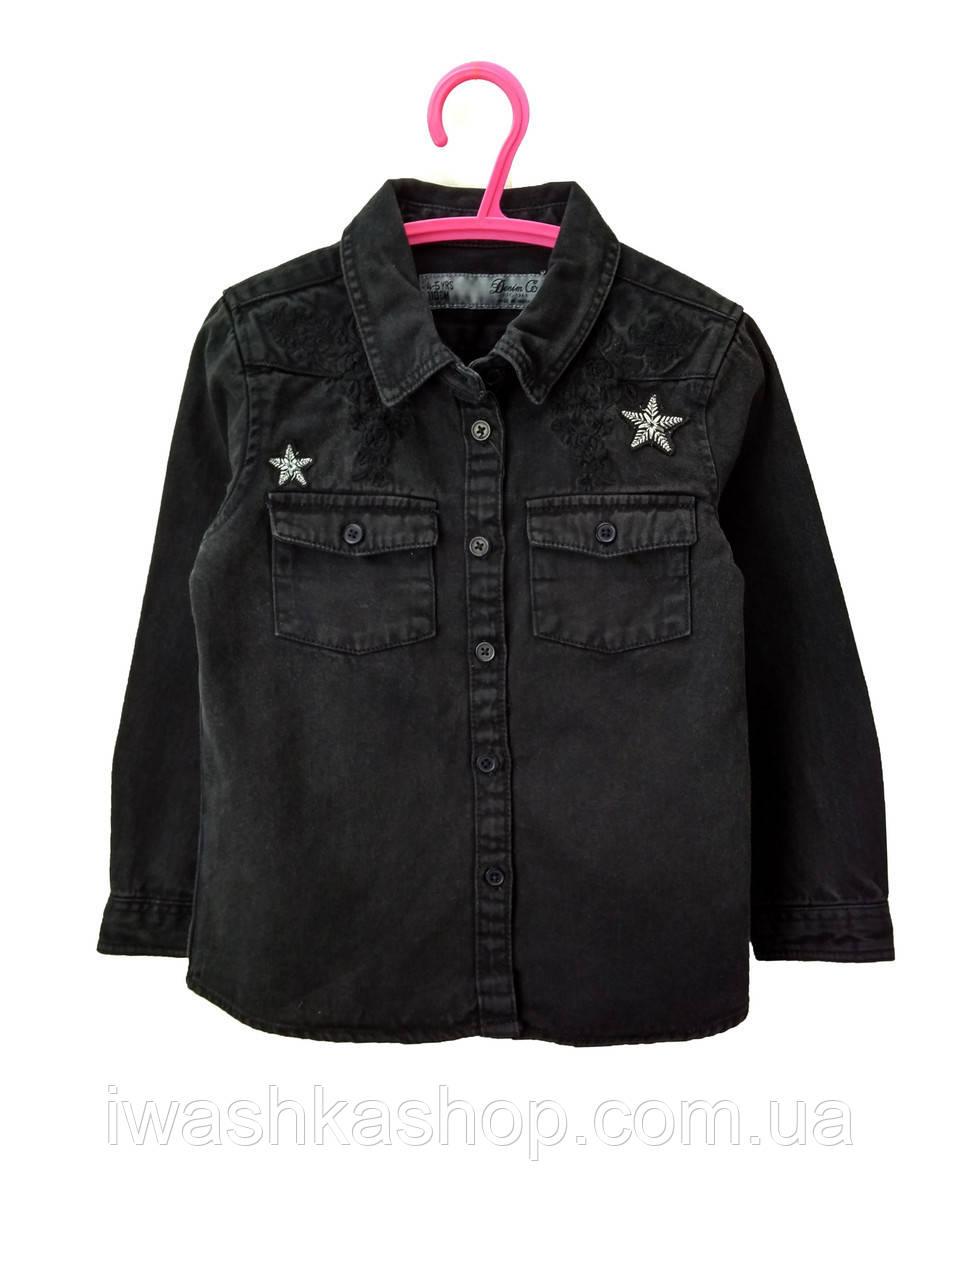 Черная джинсовая рубашка для девочки 8 - 9 лет, Primark р. 134